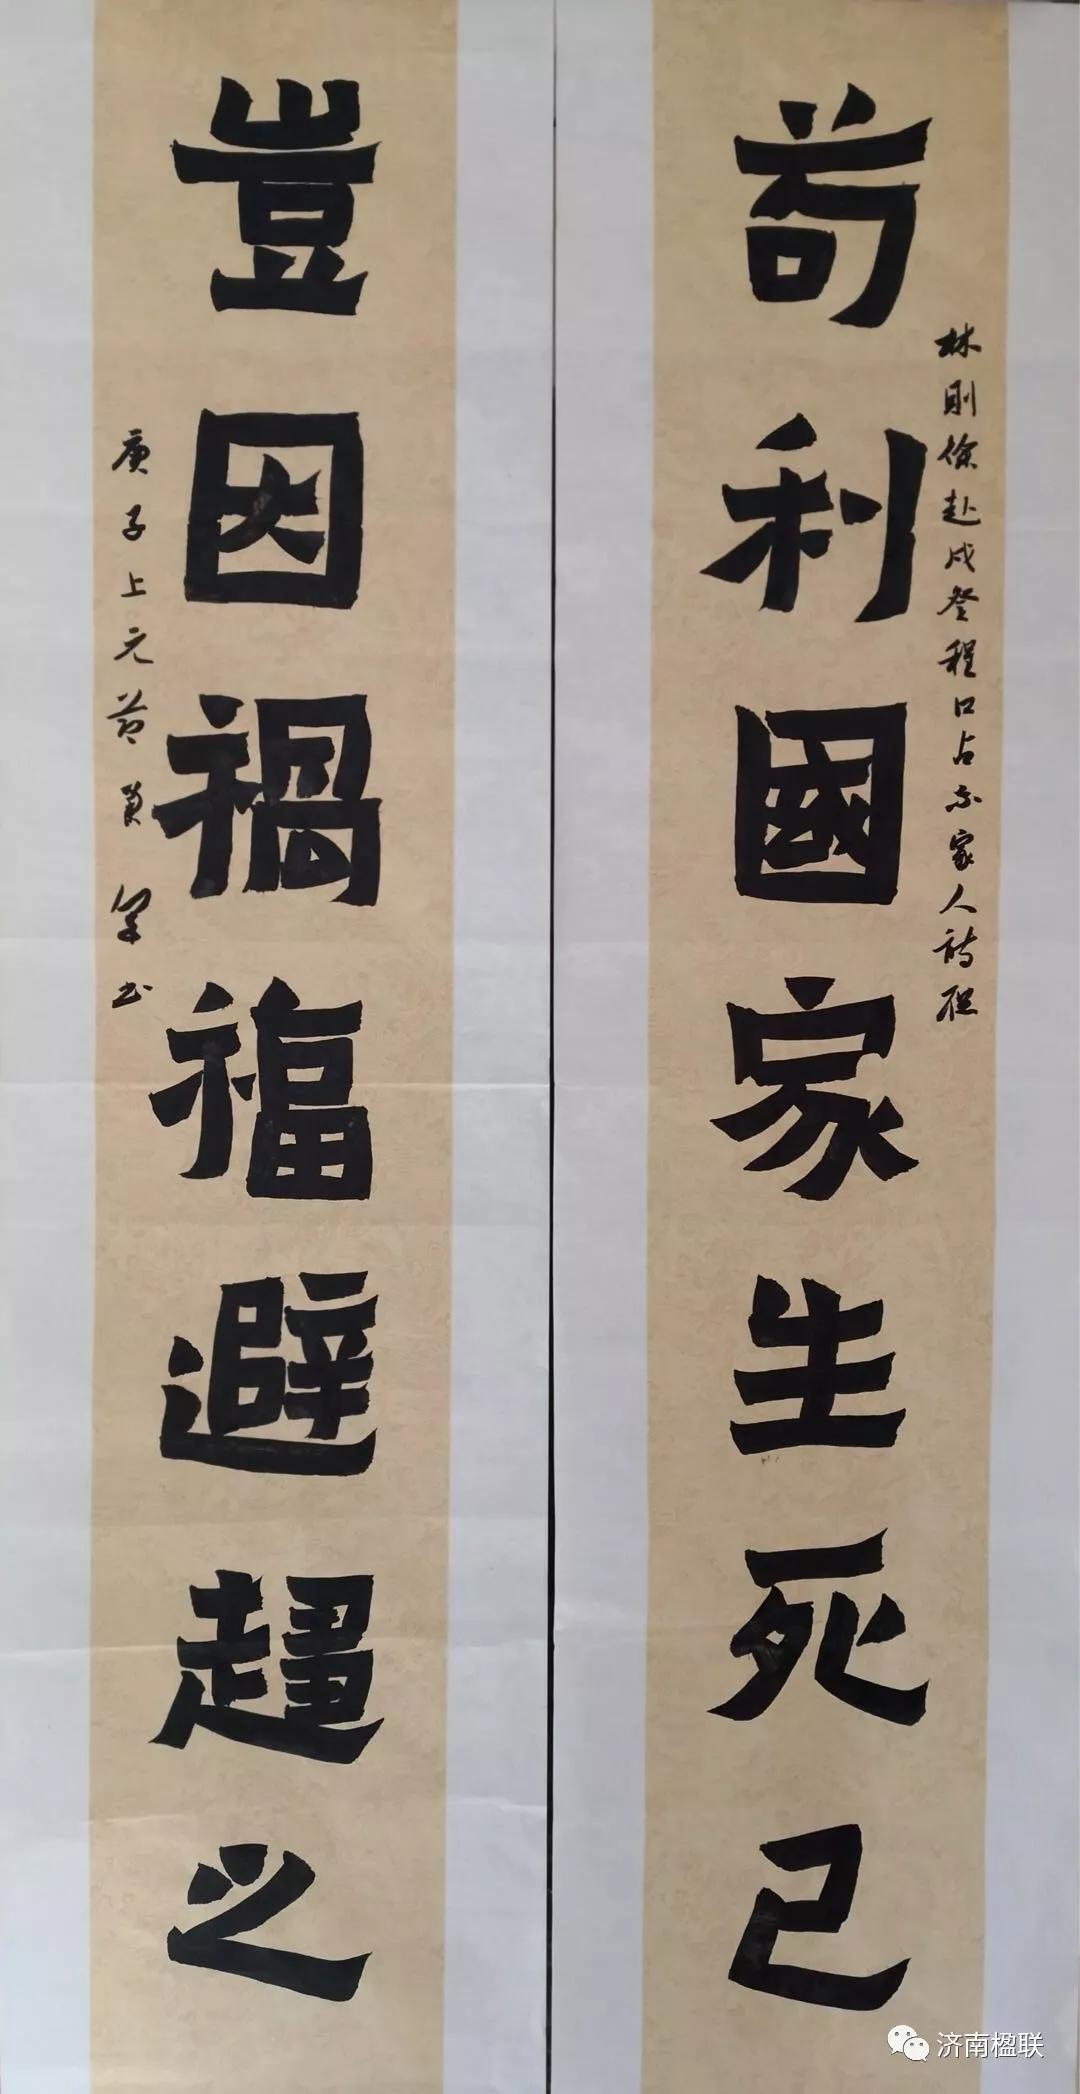 联墨文心 抗疫铸情----济南市楹联艺术家协会主题创作展